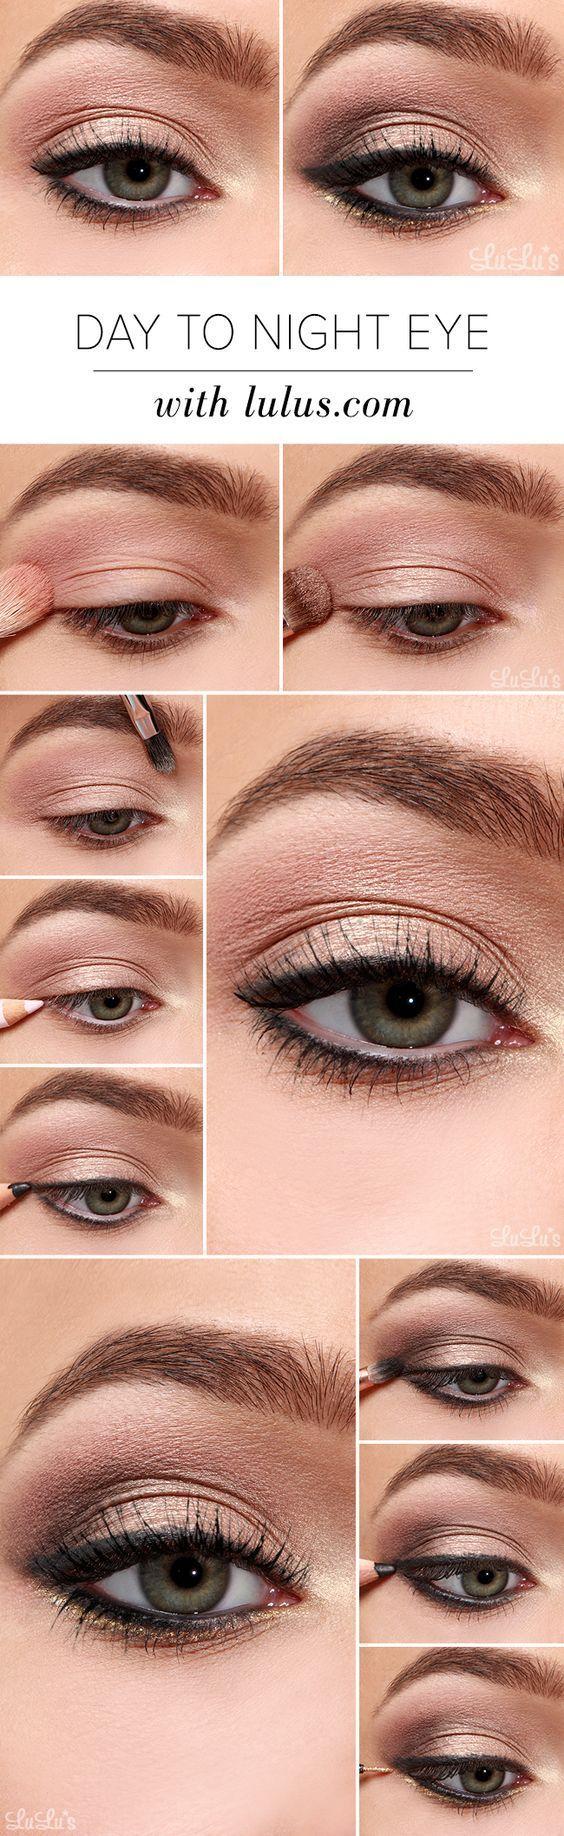 Photo of How To: Schritt für Schritt Augen Make-up-Tutorials und Anleitungen für Anfänger – Make-up Geheimnisse